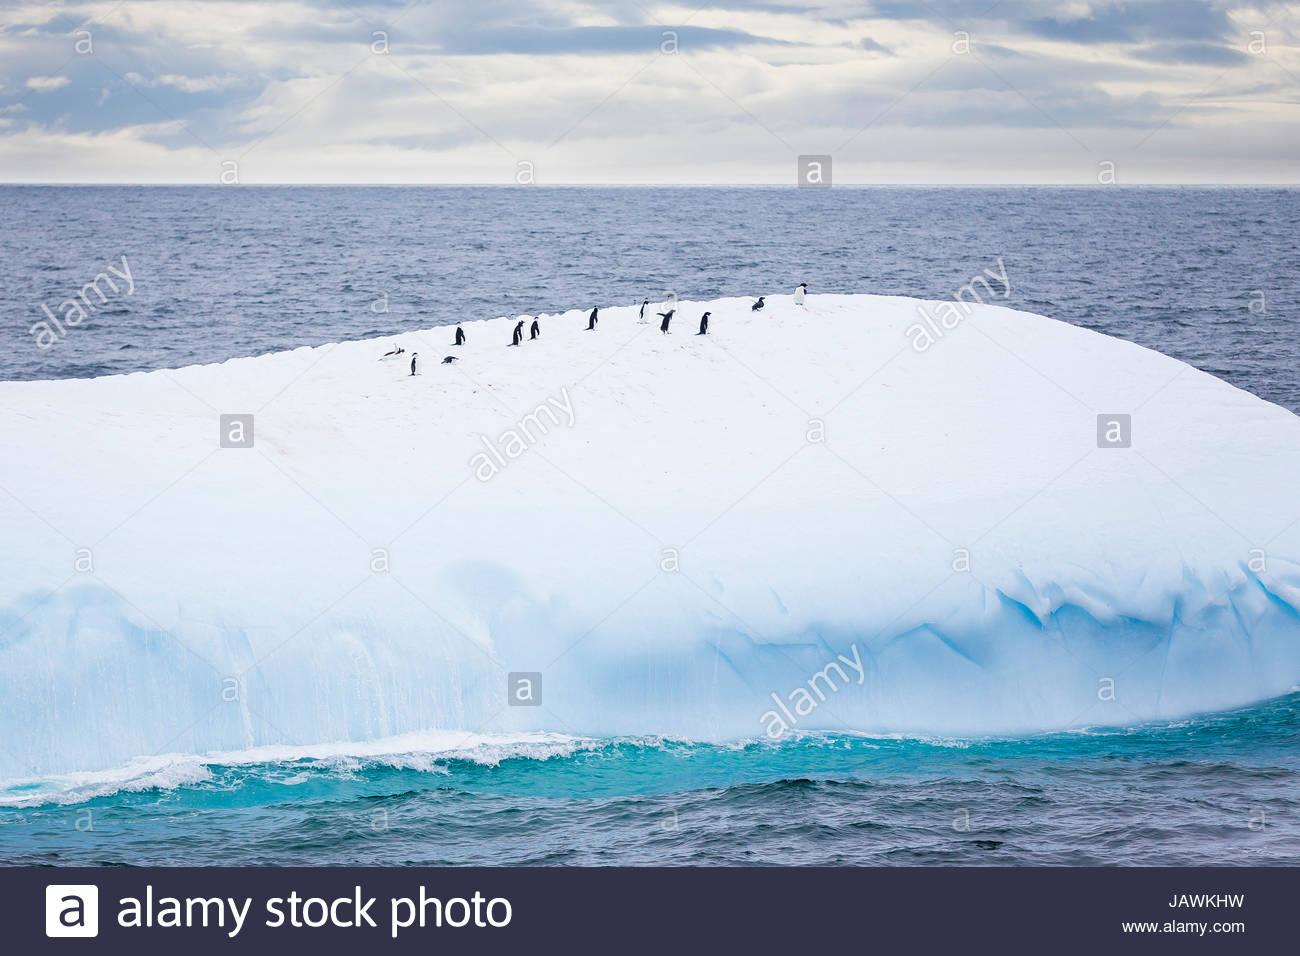 Les pingouins sur le haut d'un iceberg dans l'Antarctique. Photo Stock